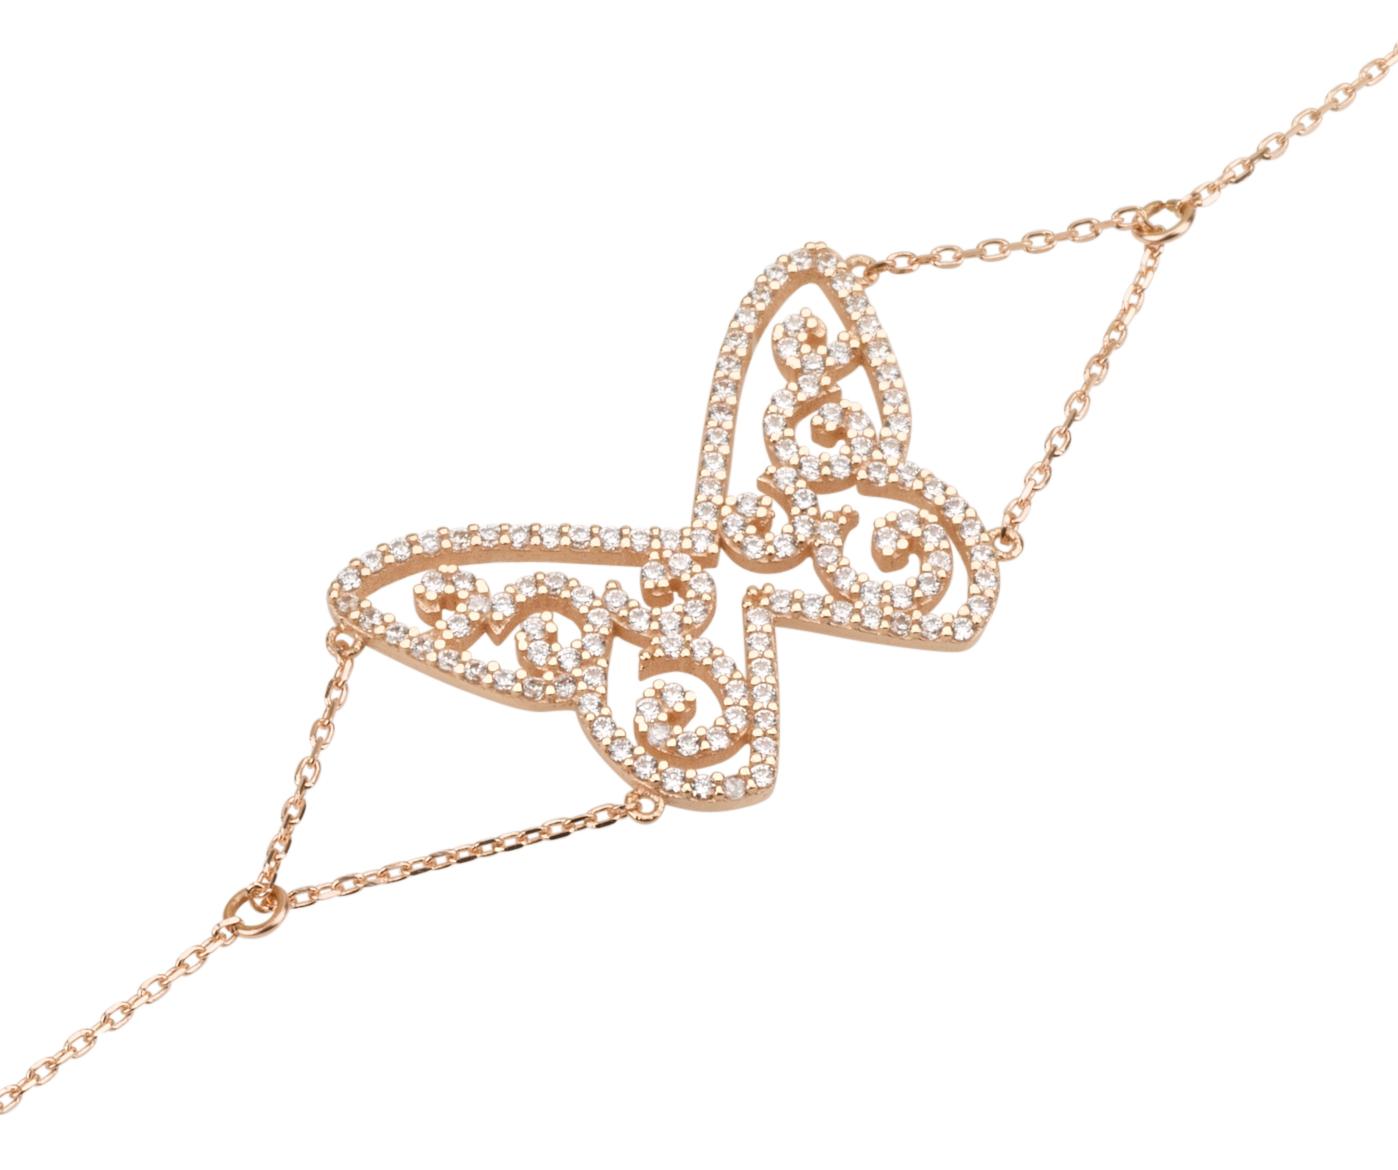 צמיד פרפר - זהב 14K - צמידי זהב - צמידי זהב משובצים - תכשיטי זהב משובצים - תכשיטי זהב מעוצבים